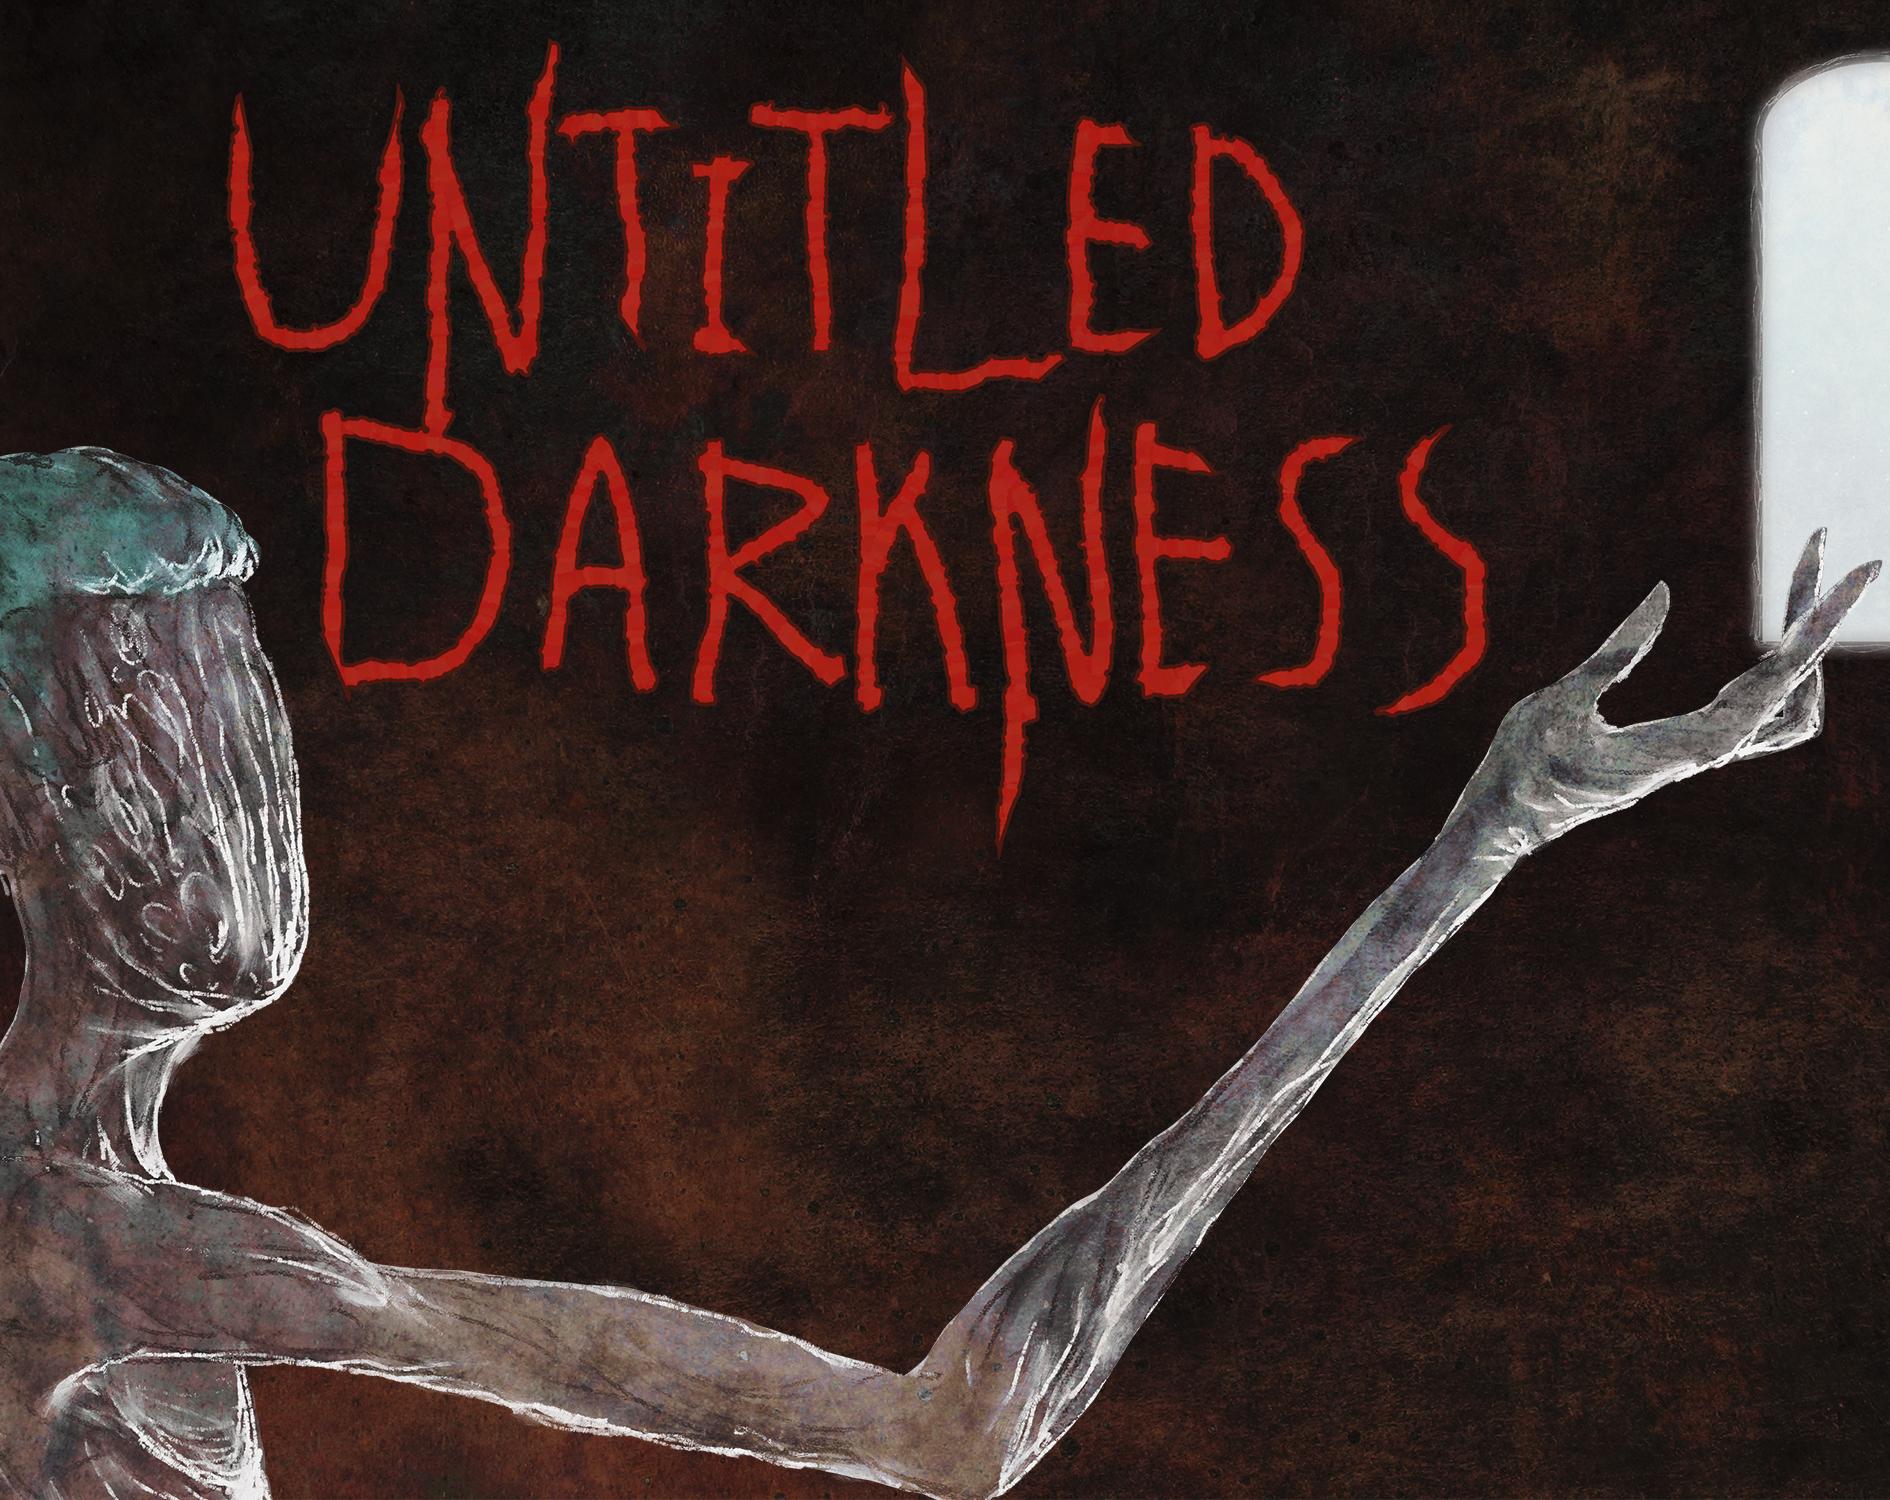 Untitled Darkness